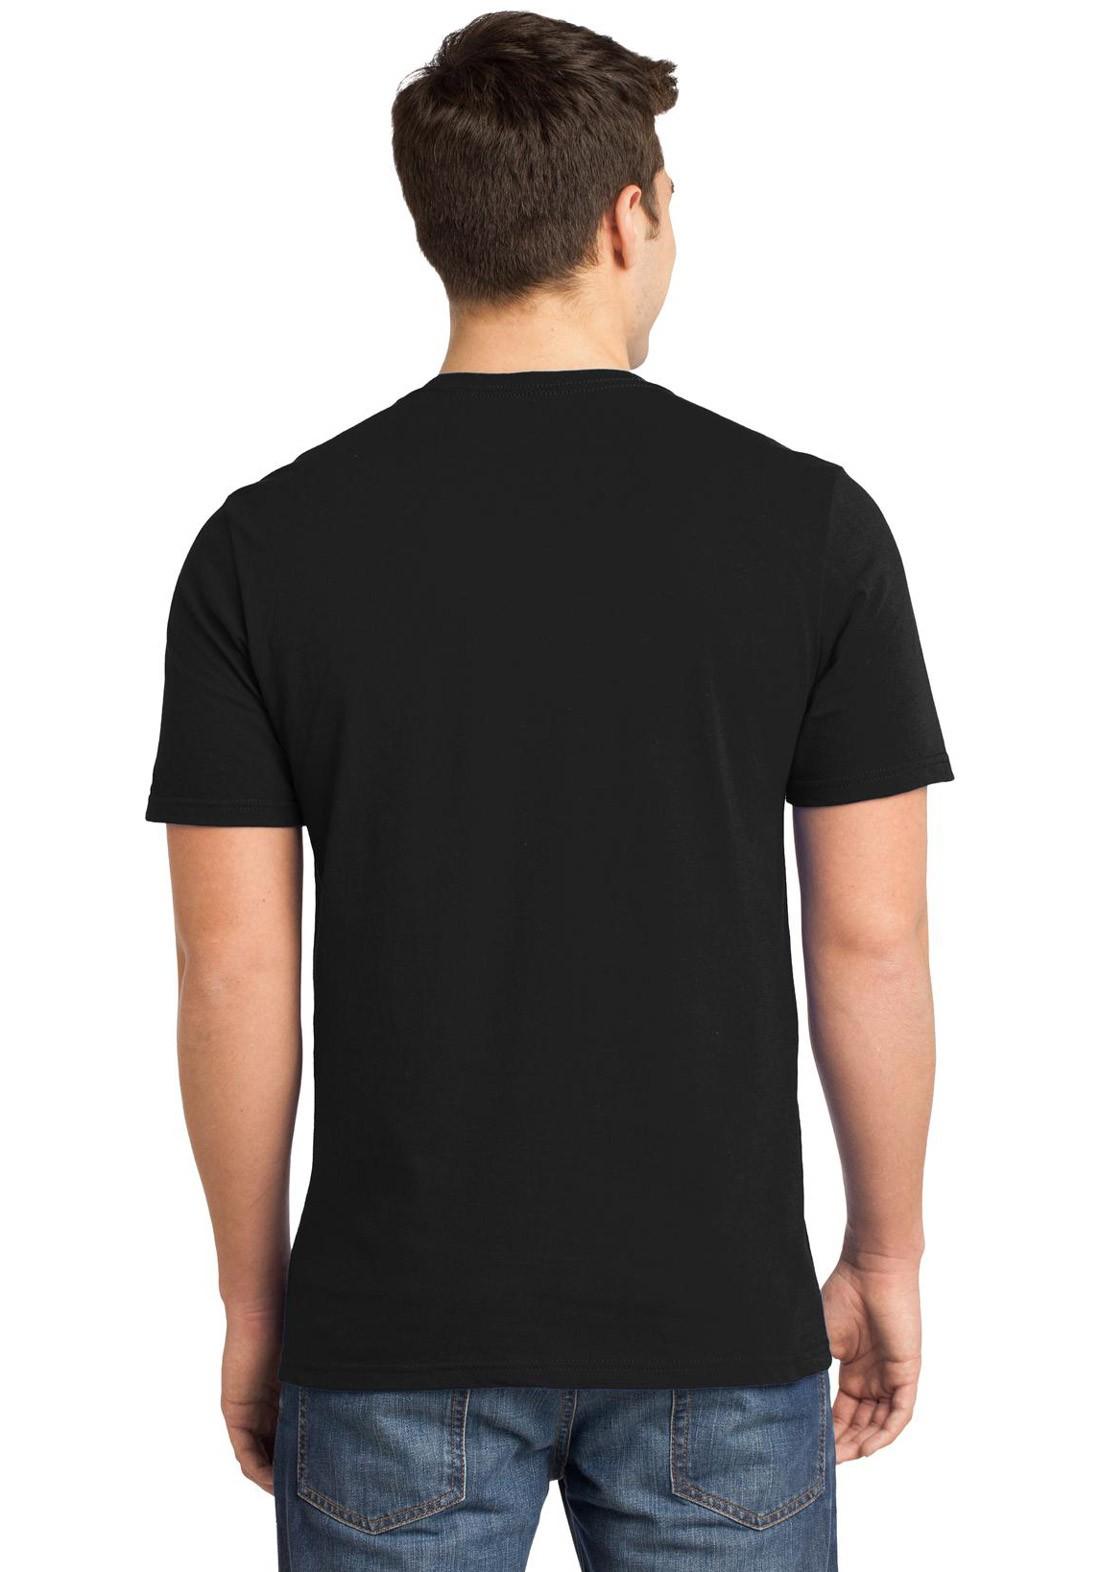 Camiseta Masculina Universitária Faculdade Educação Física